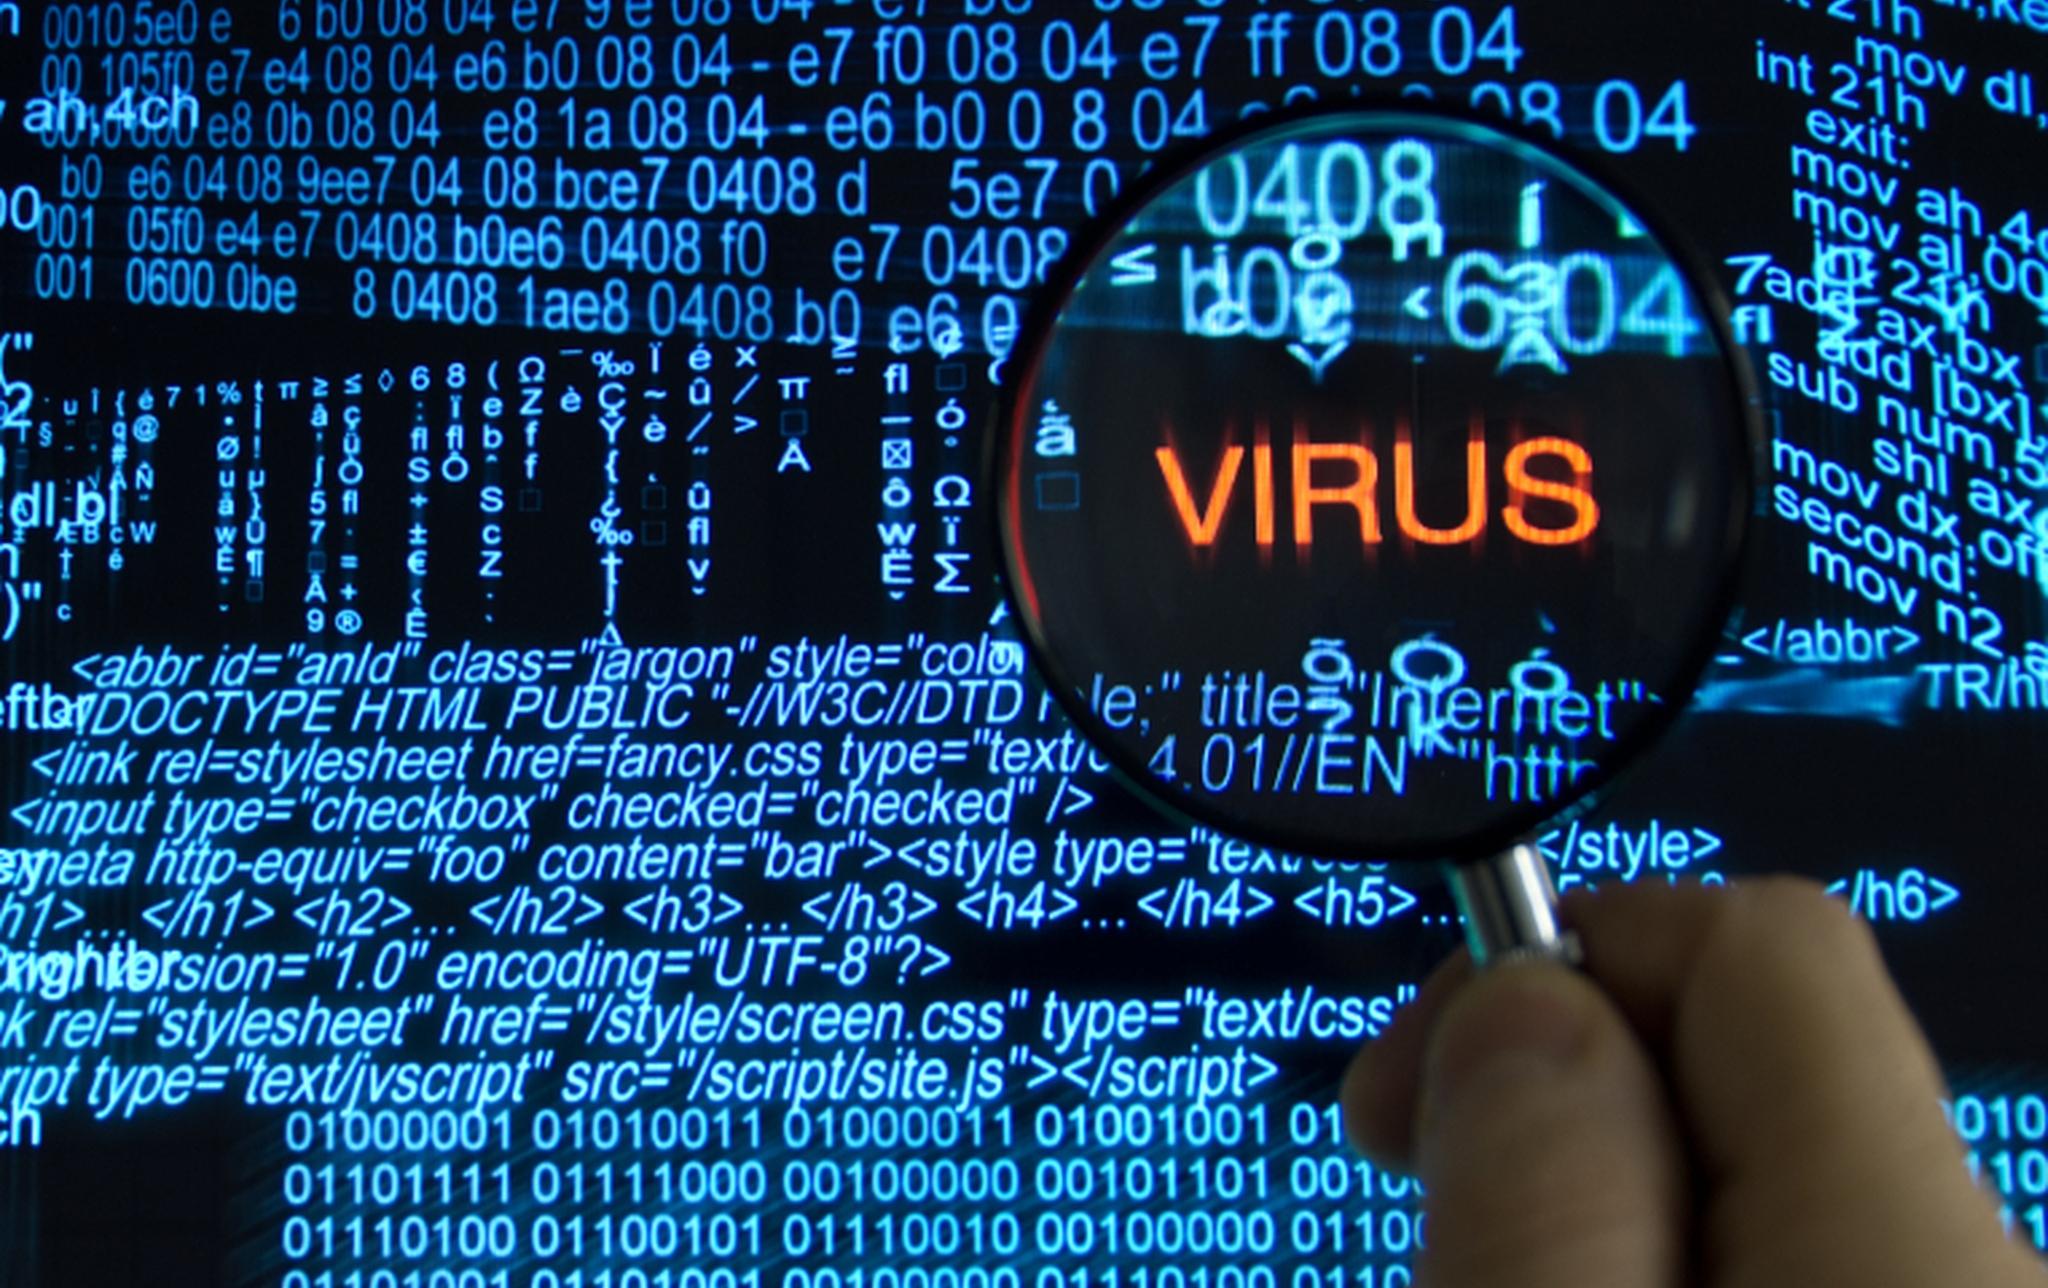 Причиной невозможности отформатировать флешку может выступать вирус